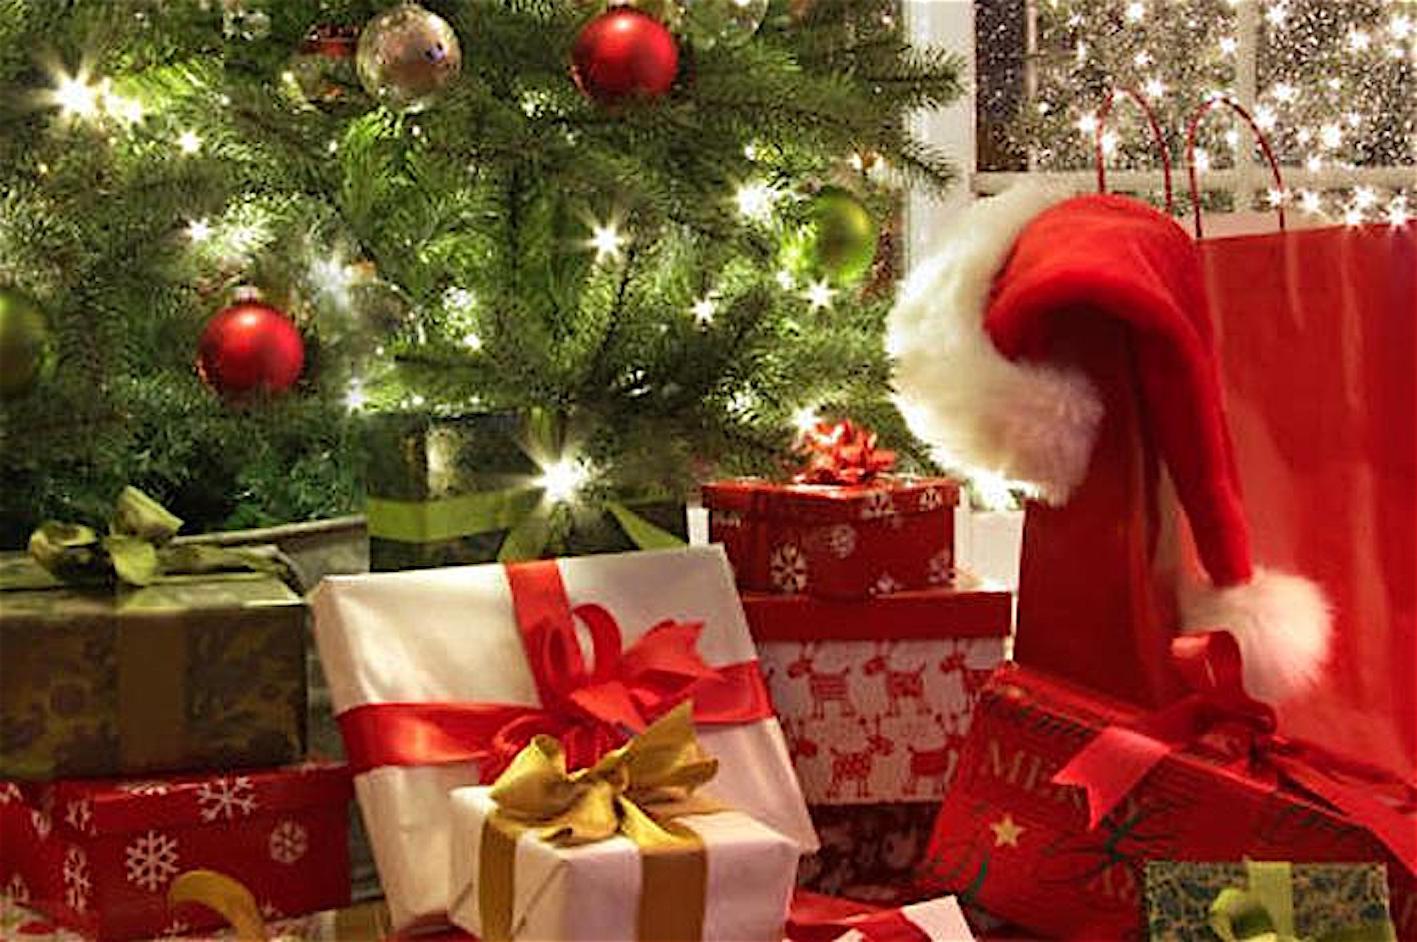 le-piu-belle-canzoni-natalizie